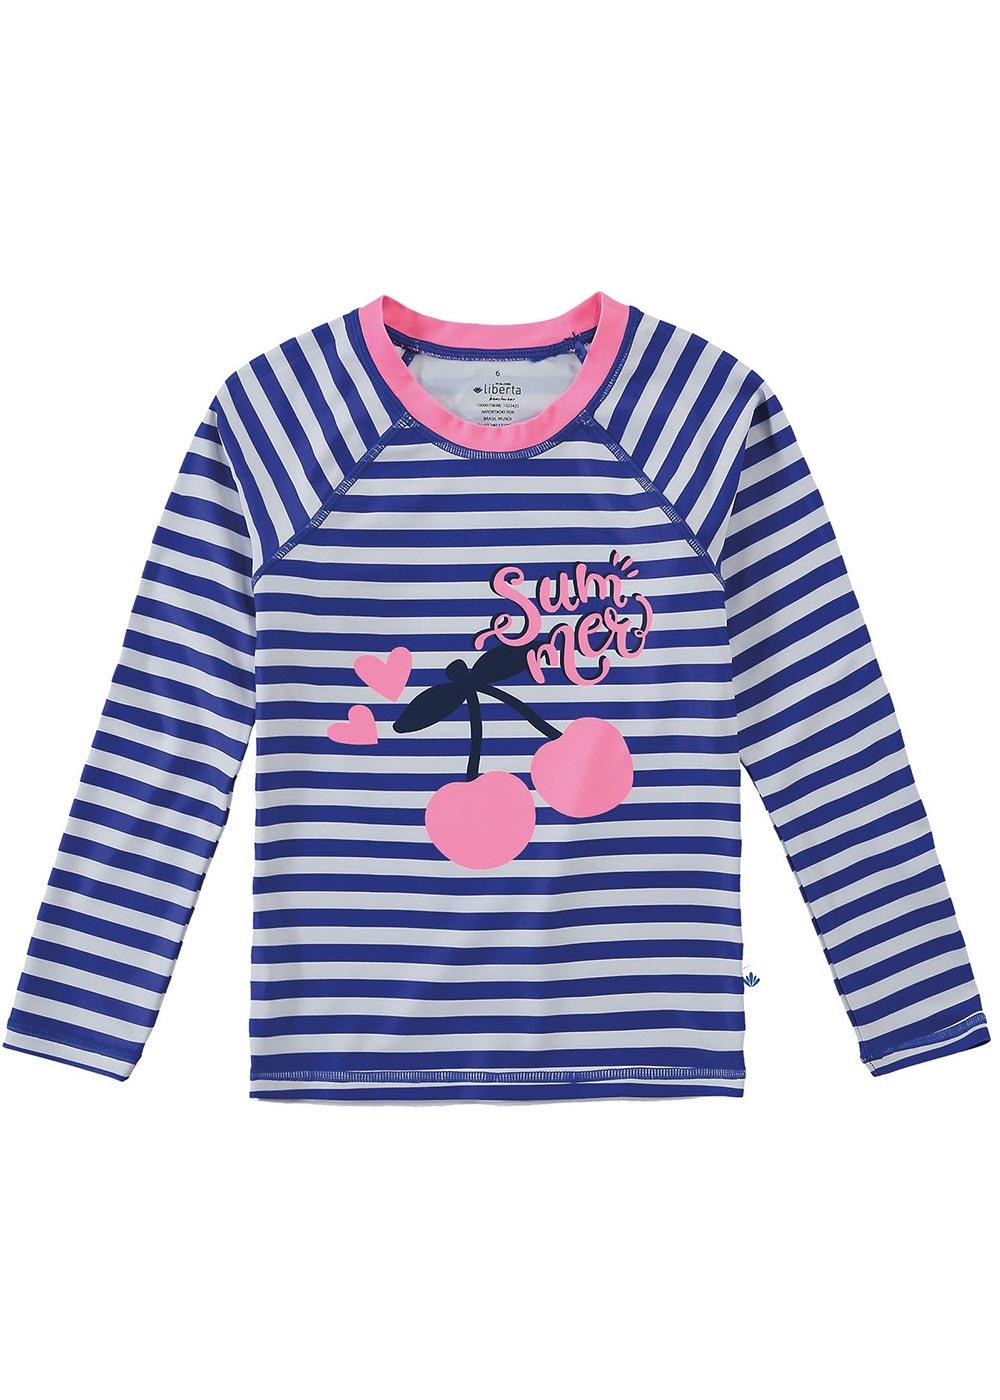 Blusa com Proteção UV Infantil Feminino Verão Azul Summer - Malwee